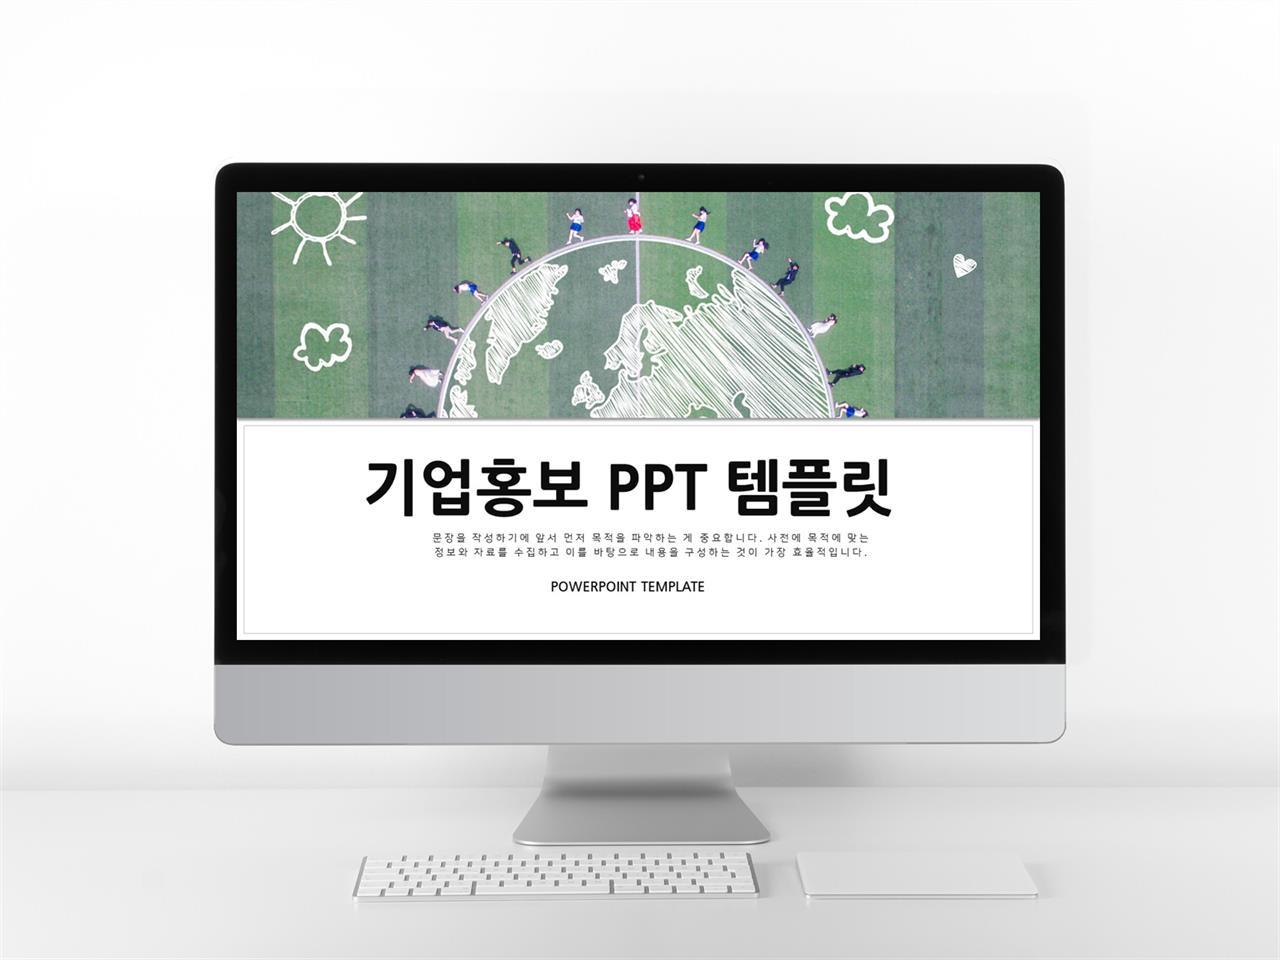 회사소개서 풀색 인포그래픽 매력적인 POWERPOINT양식 제작 미리보기